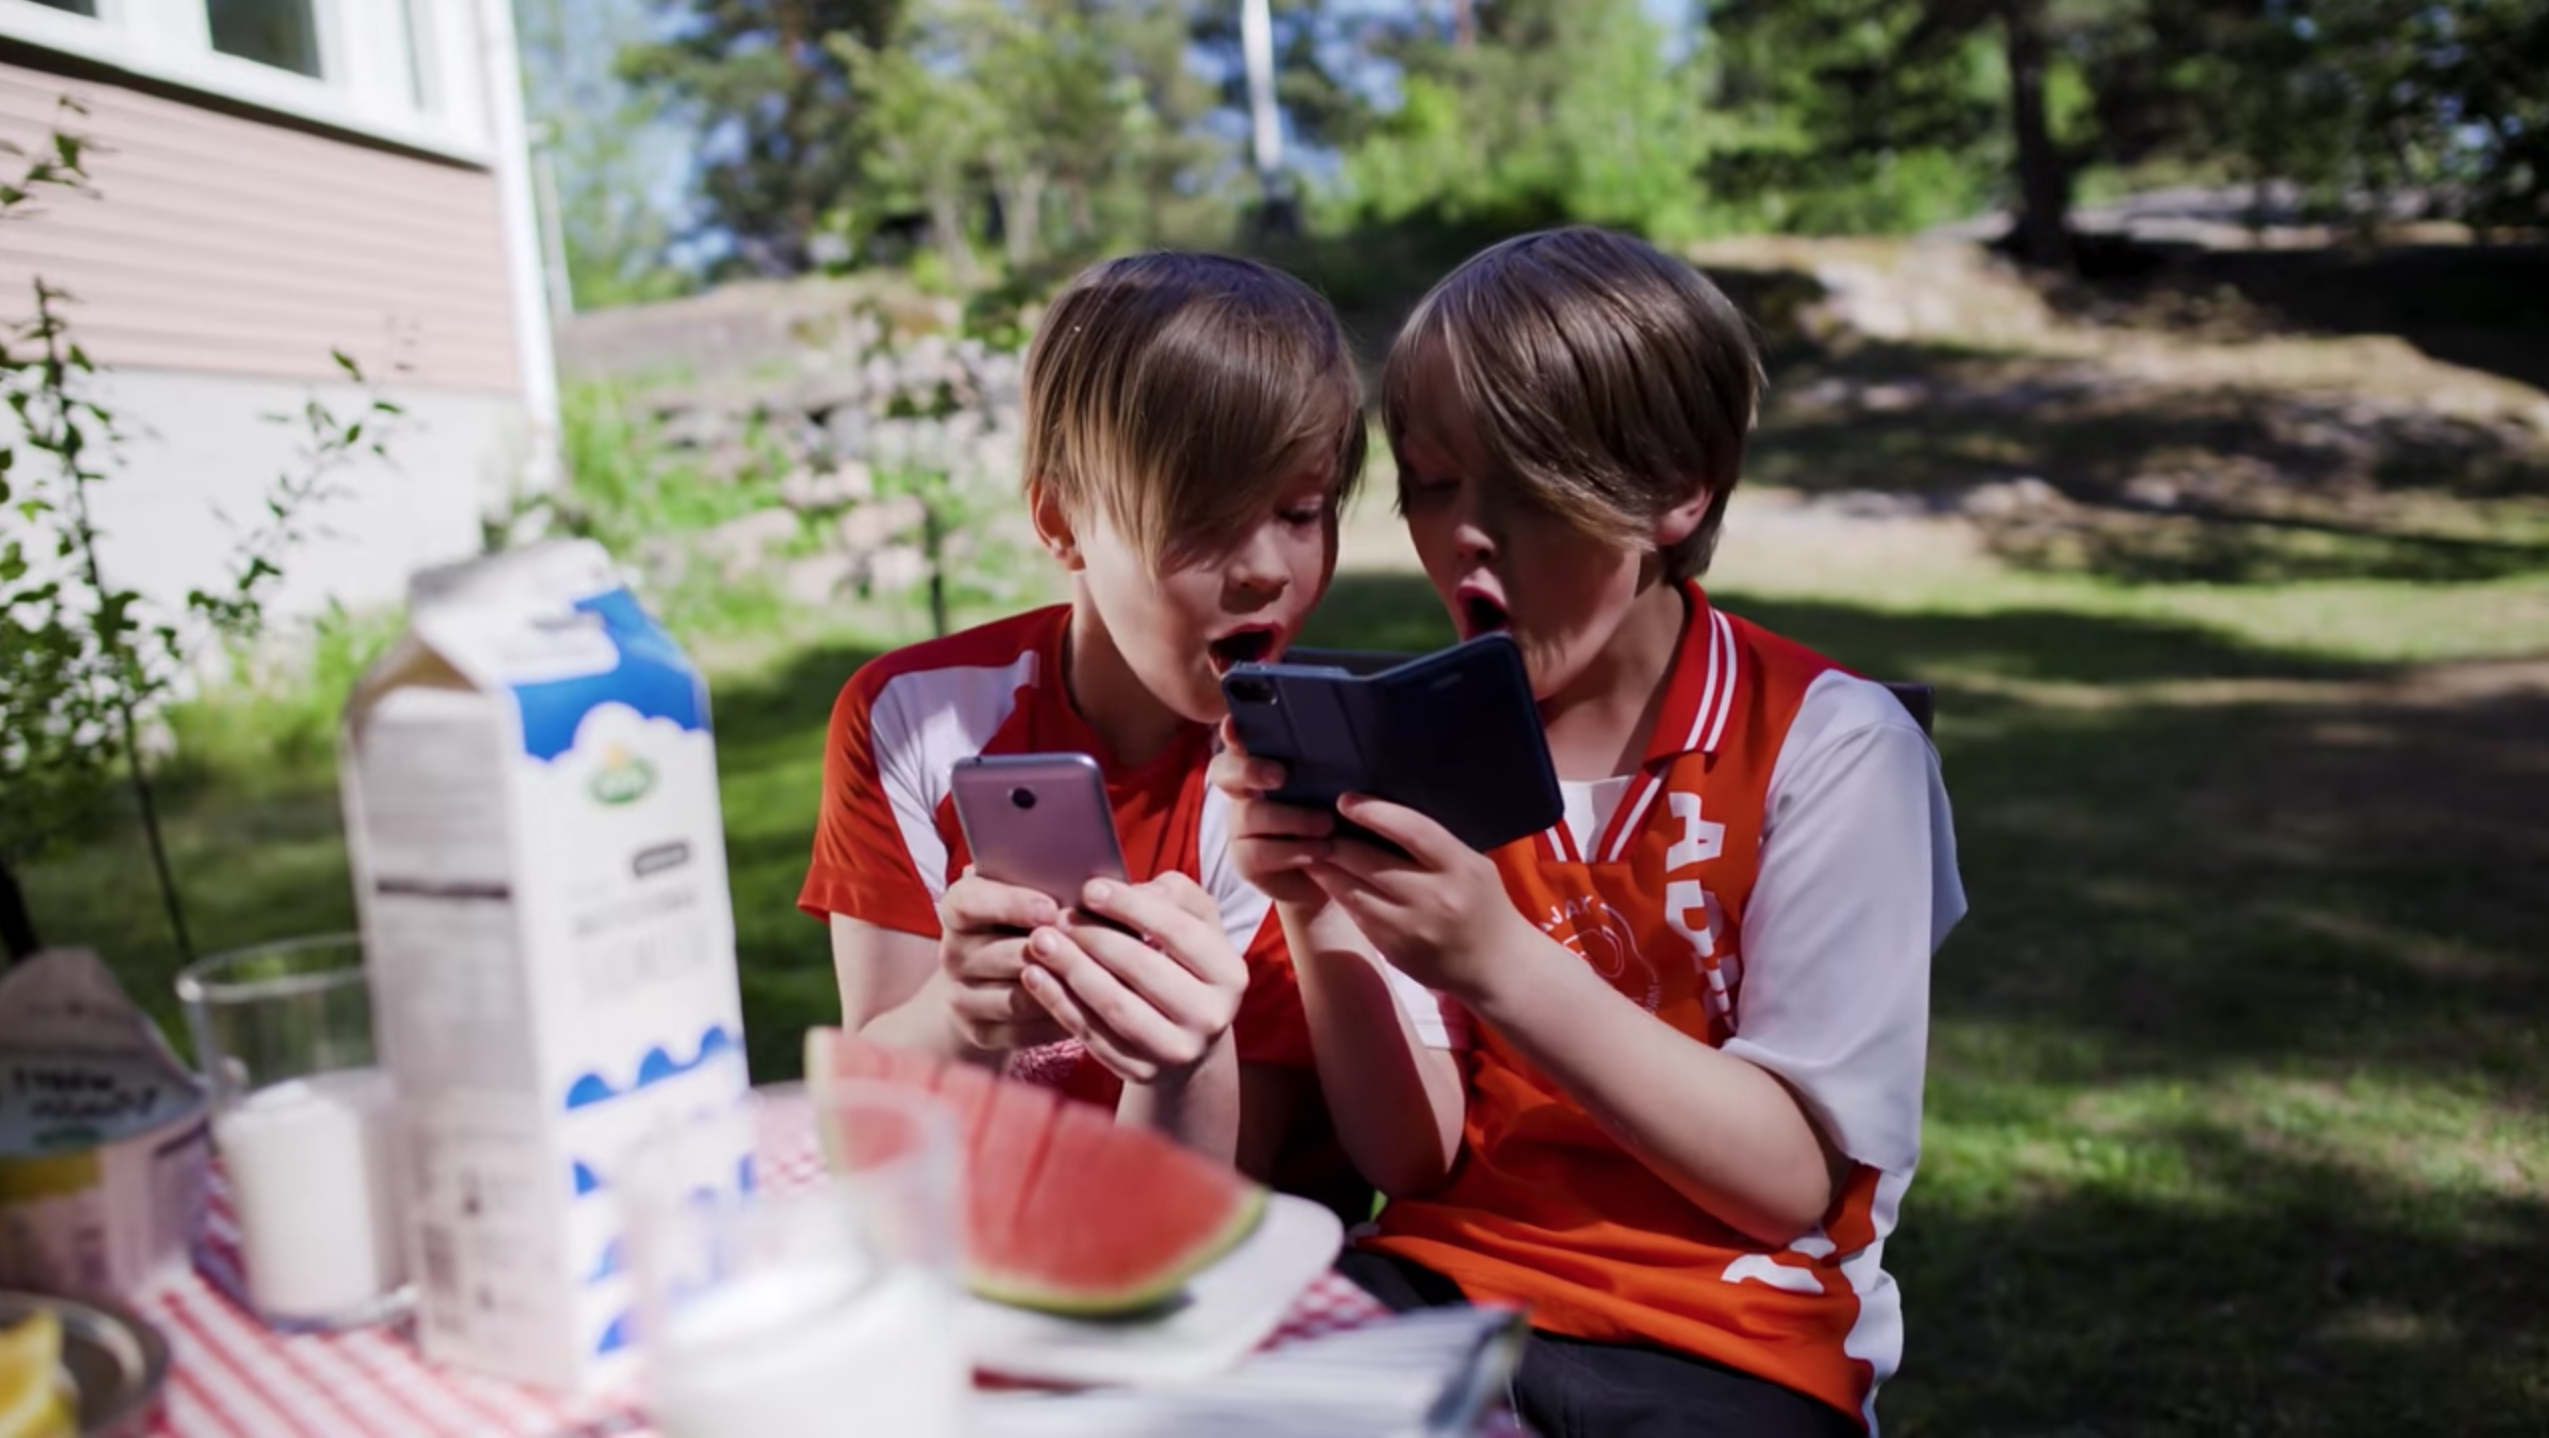 Augmented soccer carton